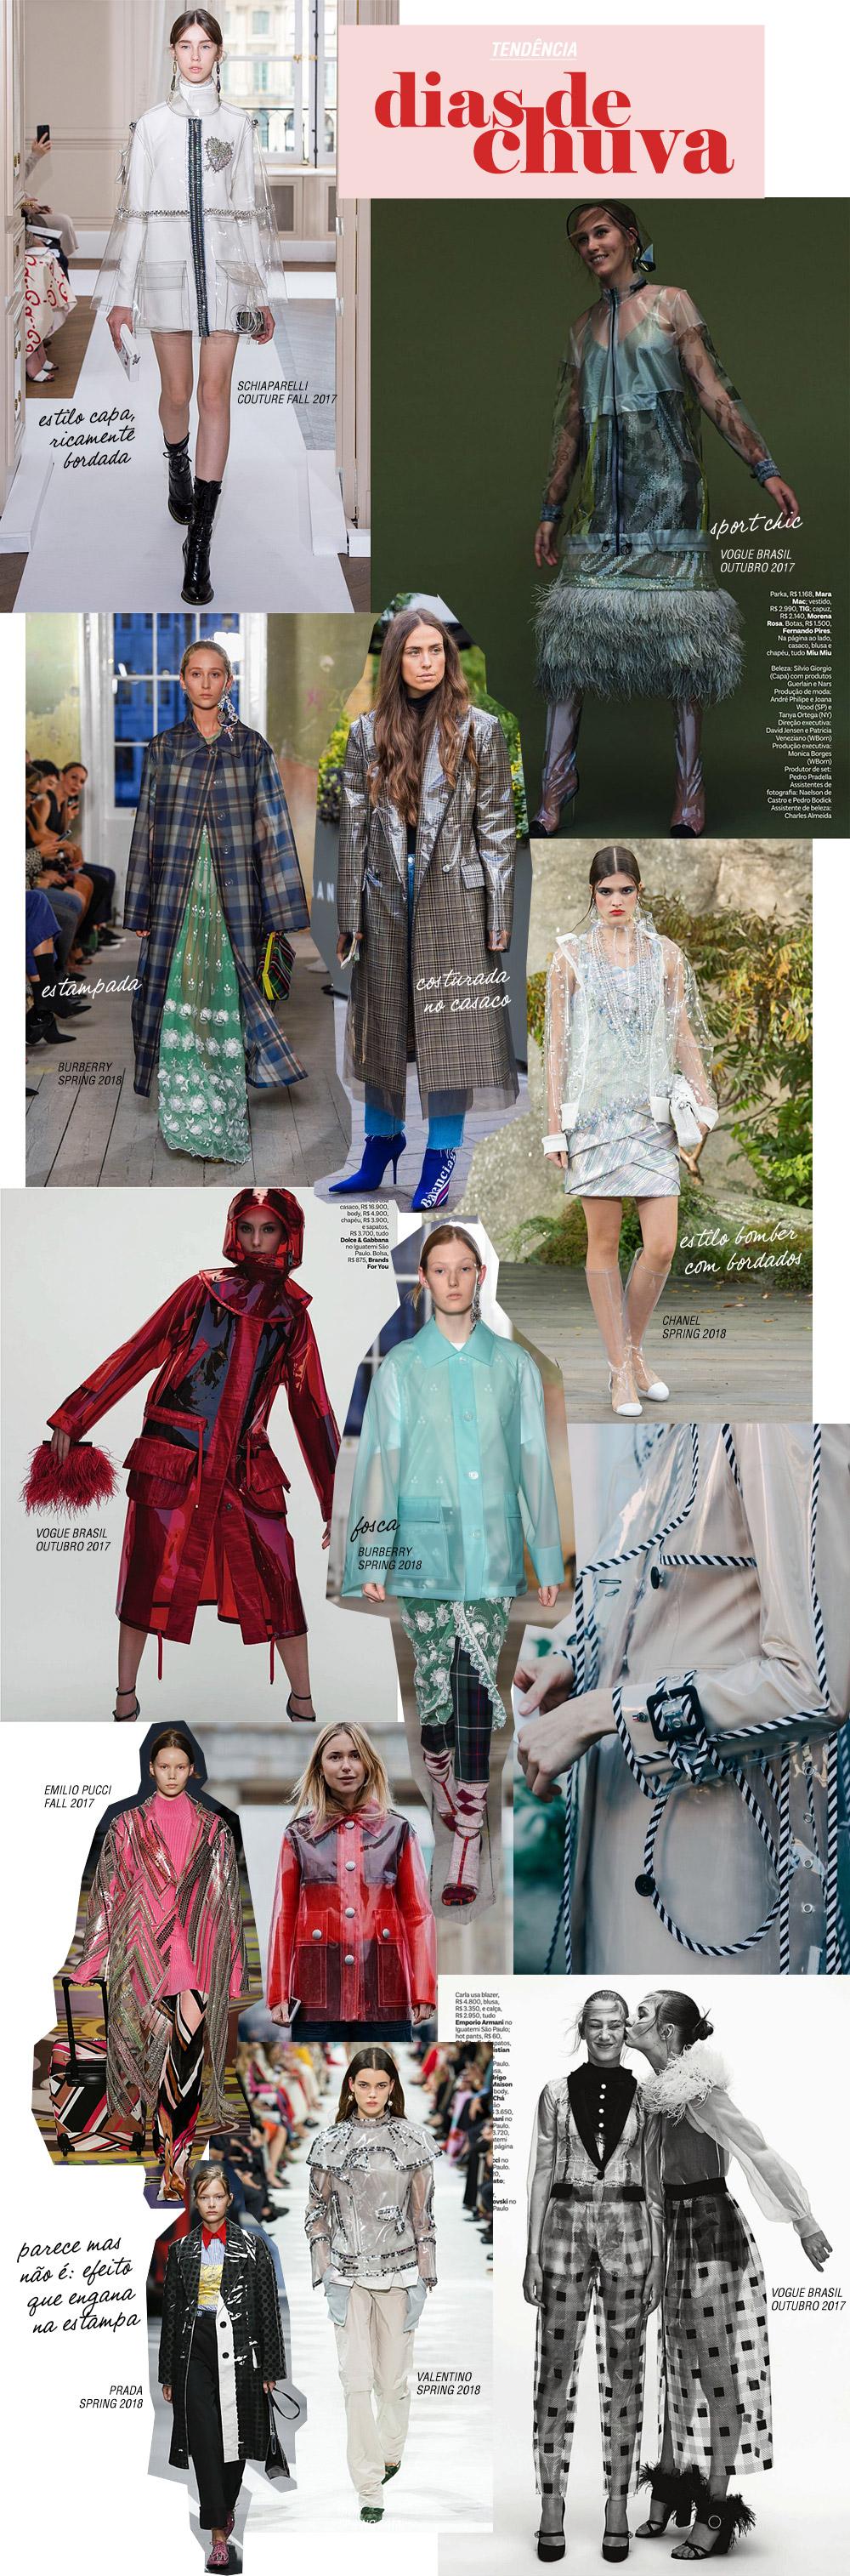 Se cubra com plástico: parkas, capas e jaquetas no material da vez